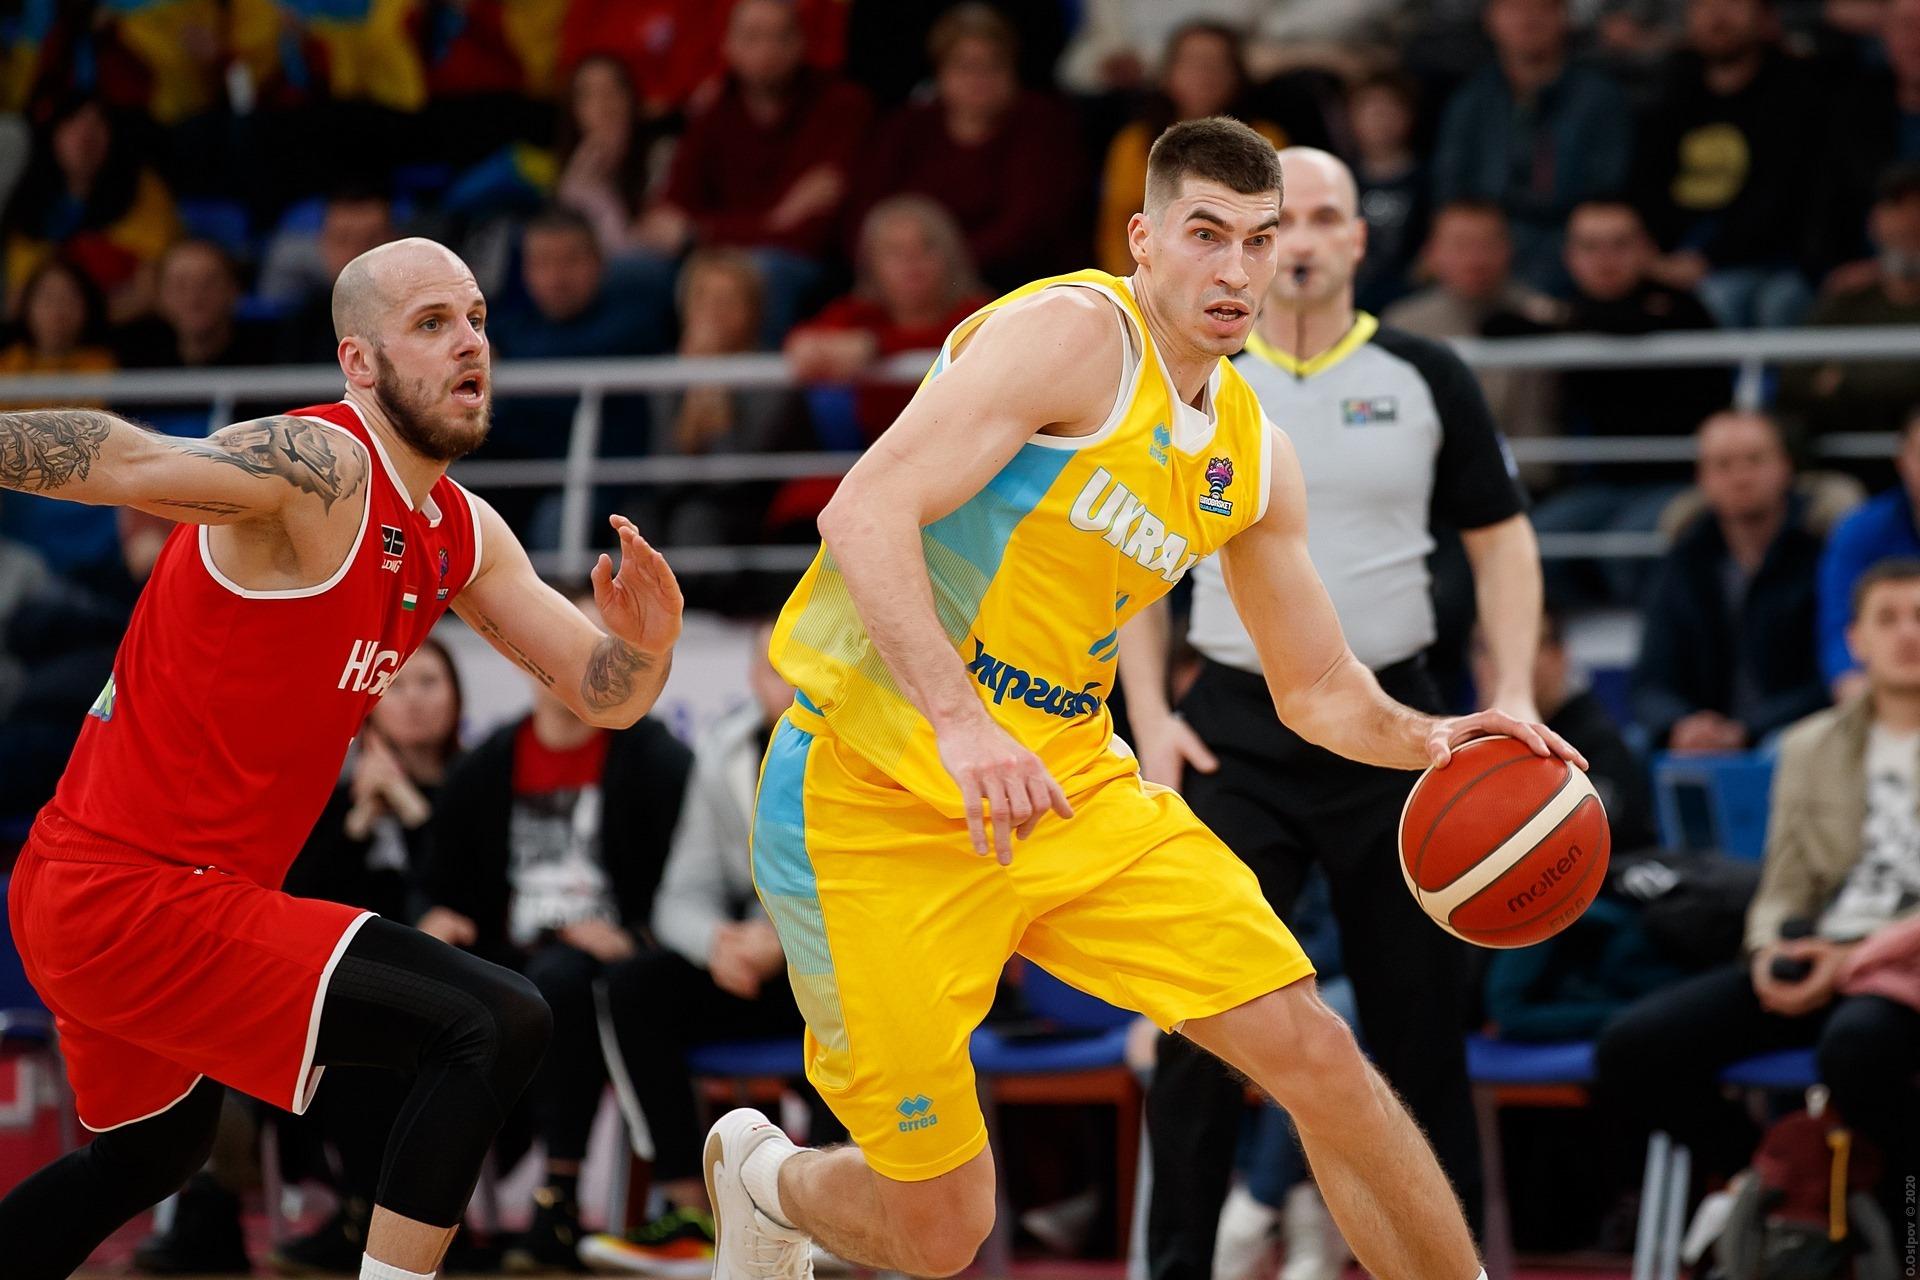 Наступні матчі національної збірної України у відборі на Євробаскет може бути перенесено